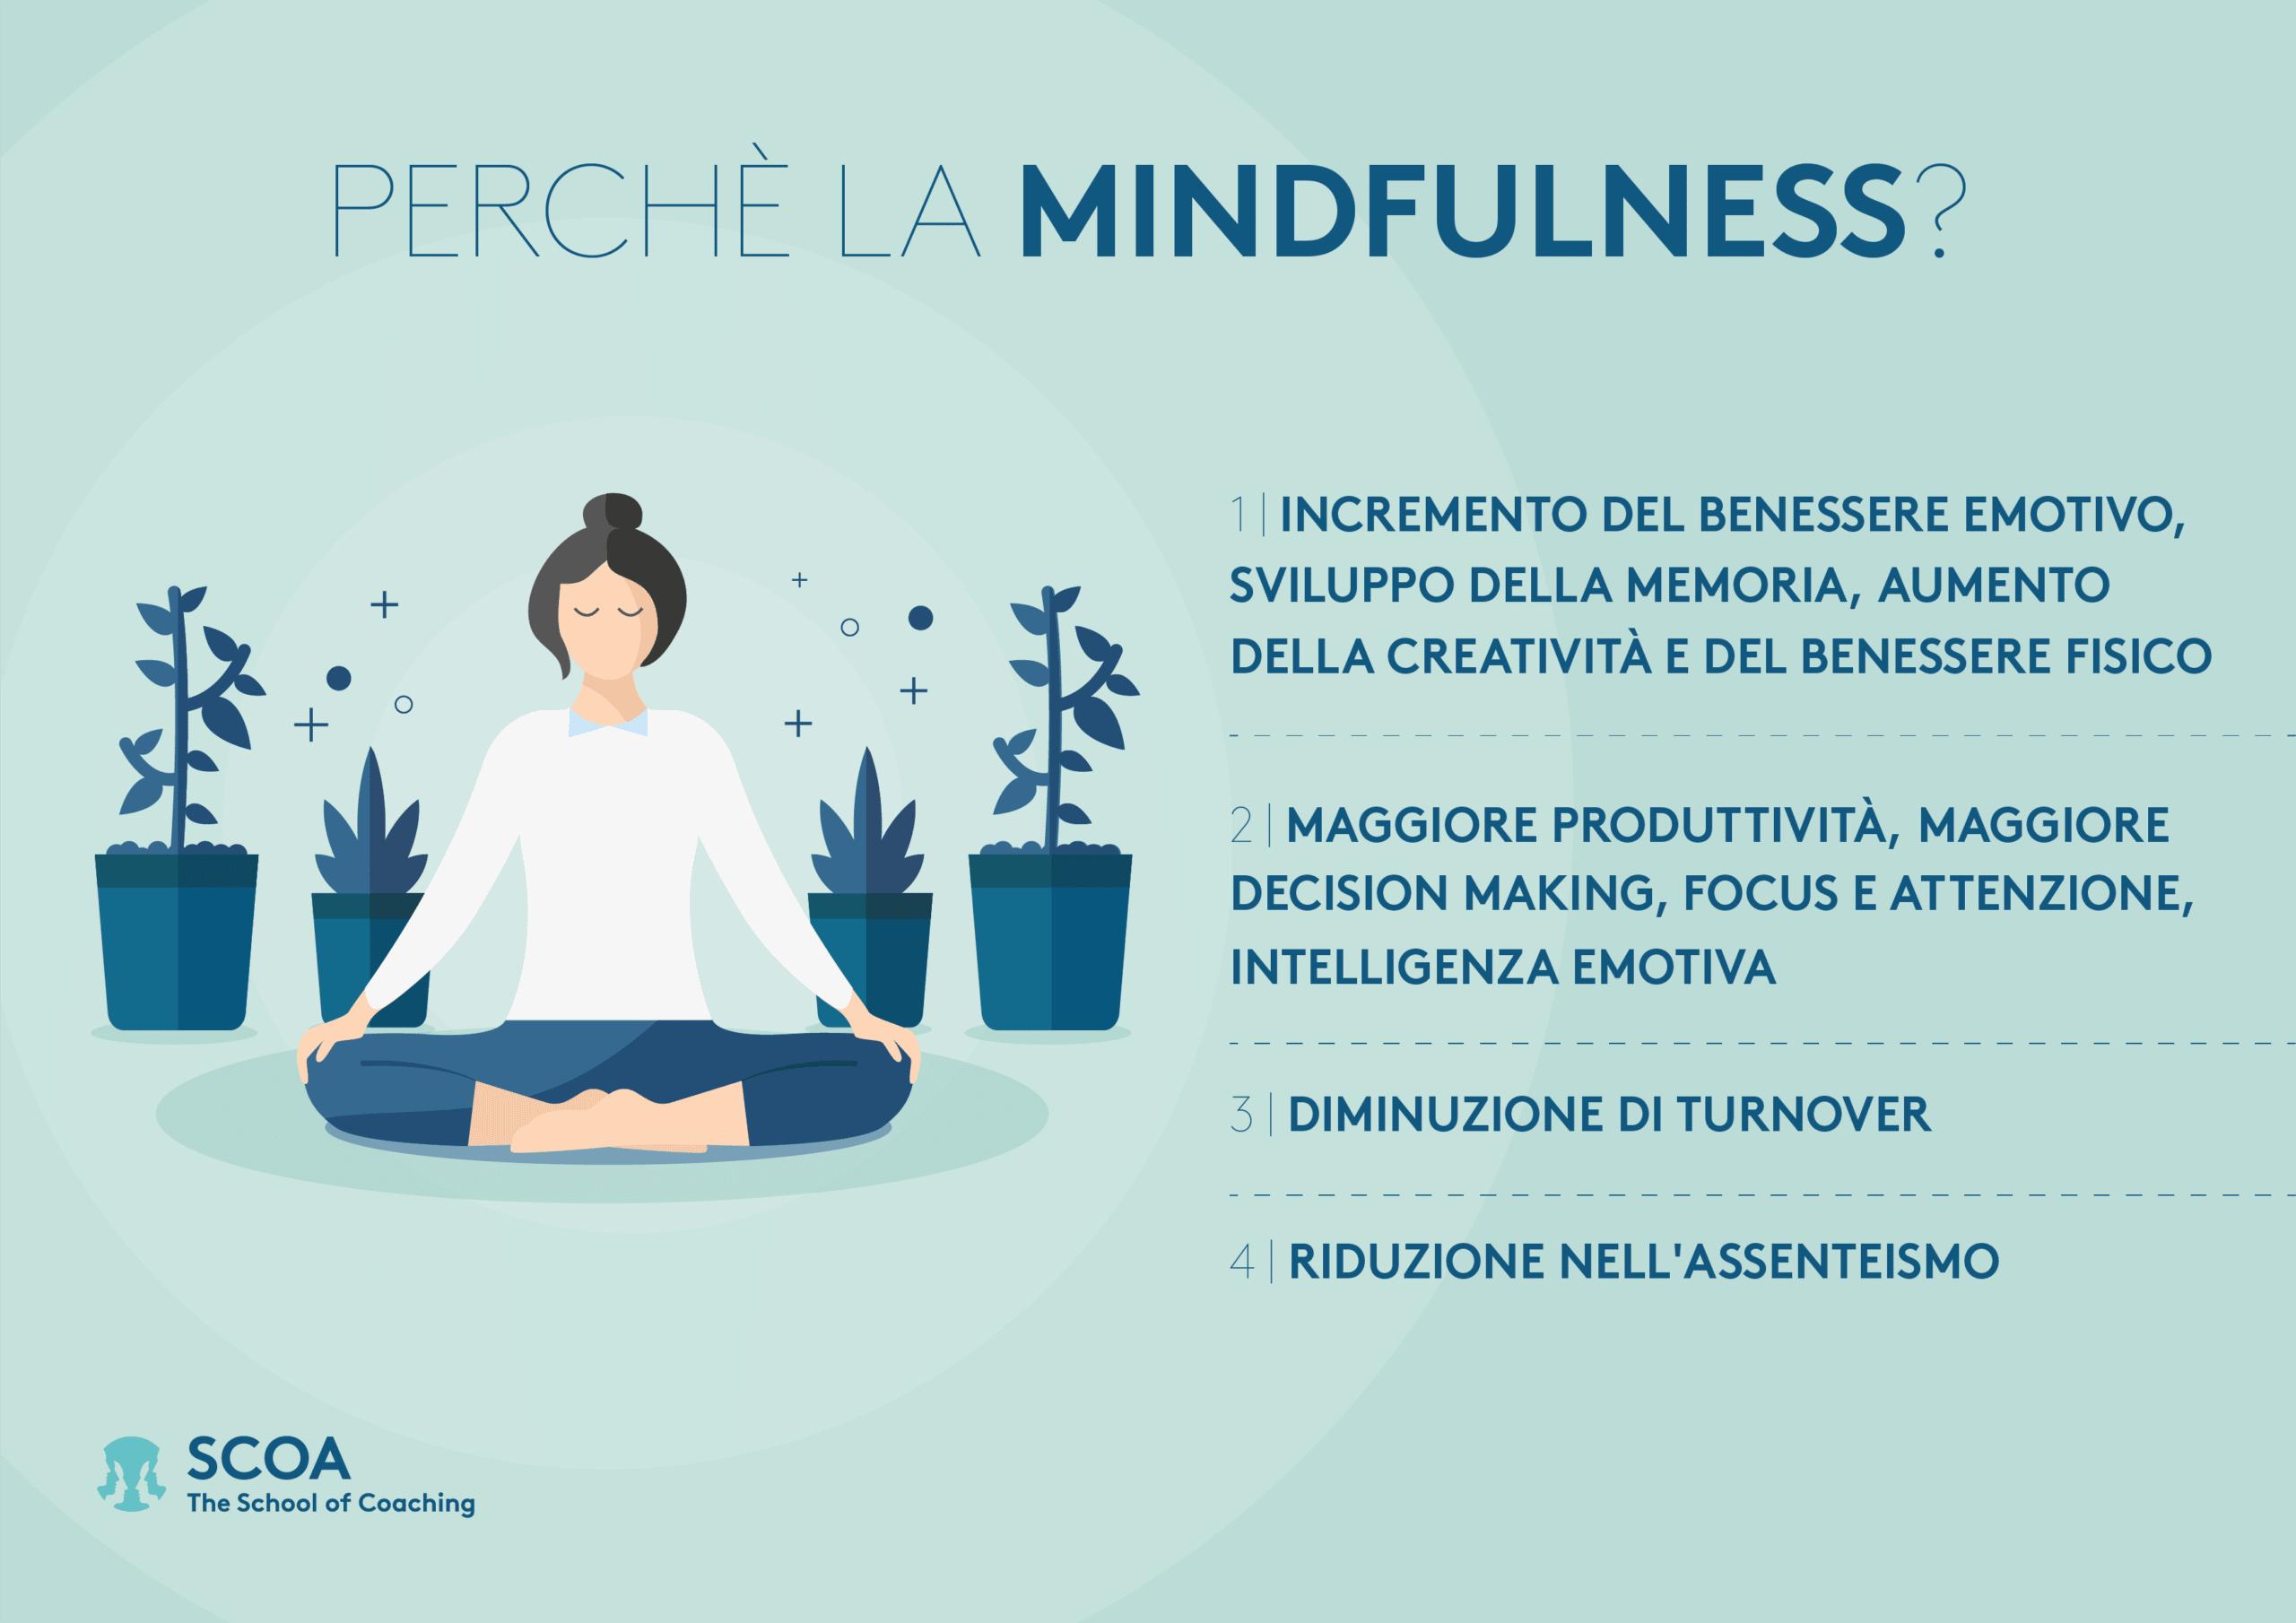 Il ROI della mindfulness